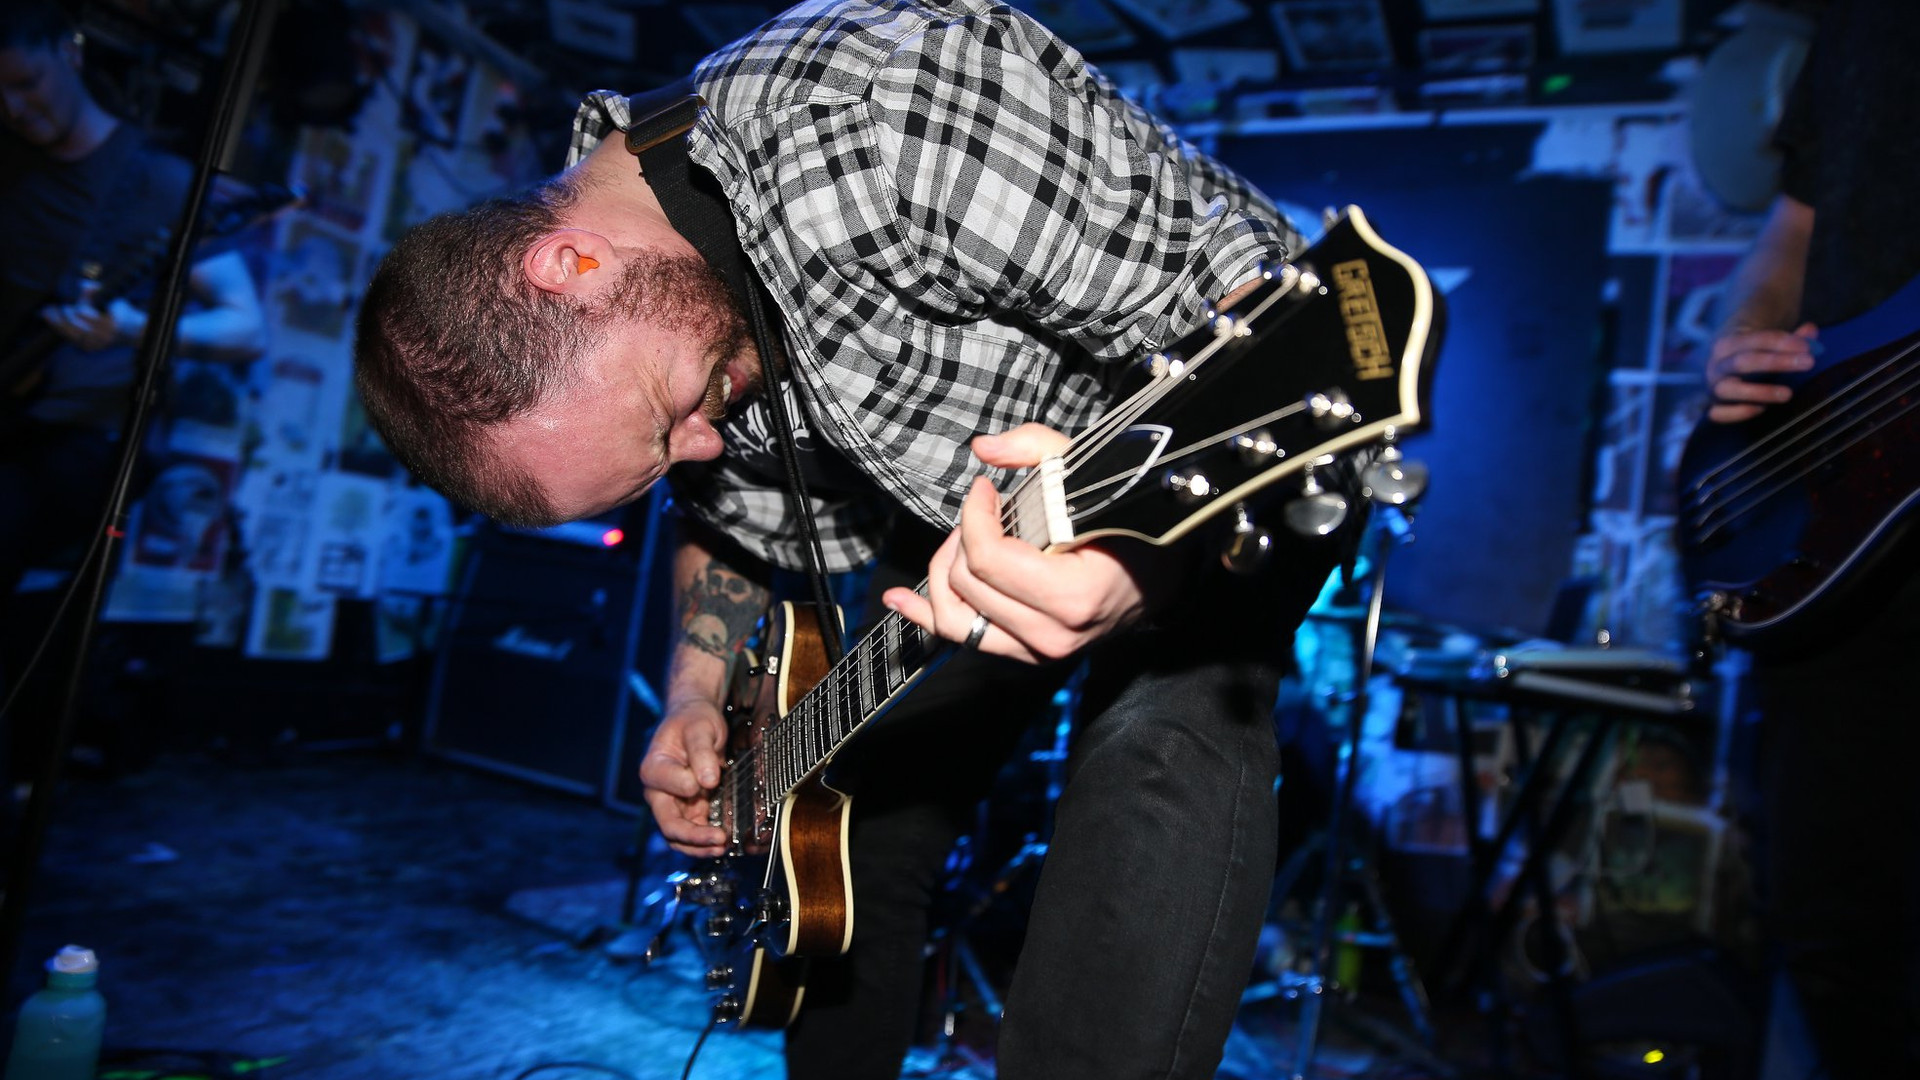 Adam Sedgwick - Guitar/Vocals